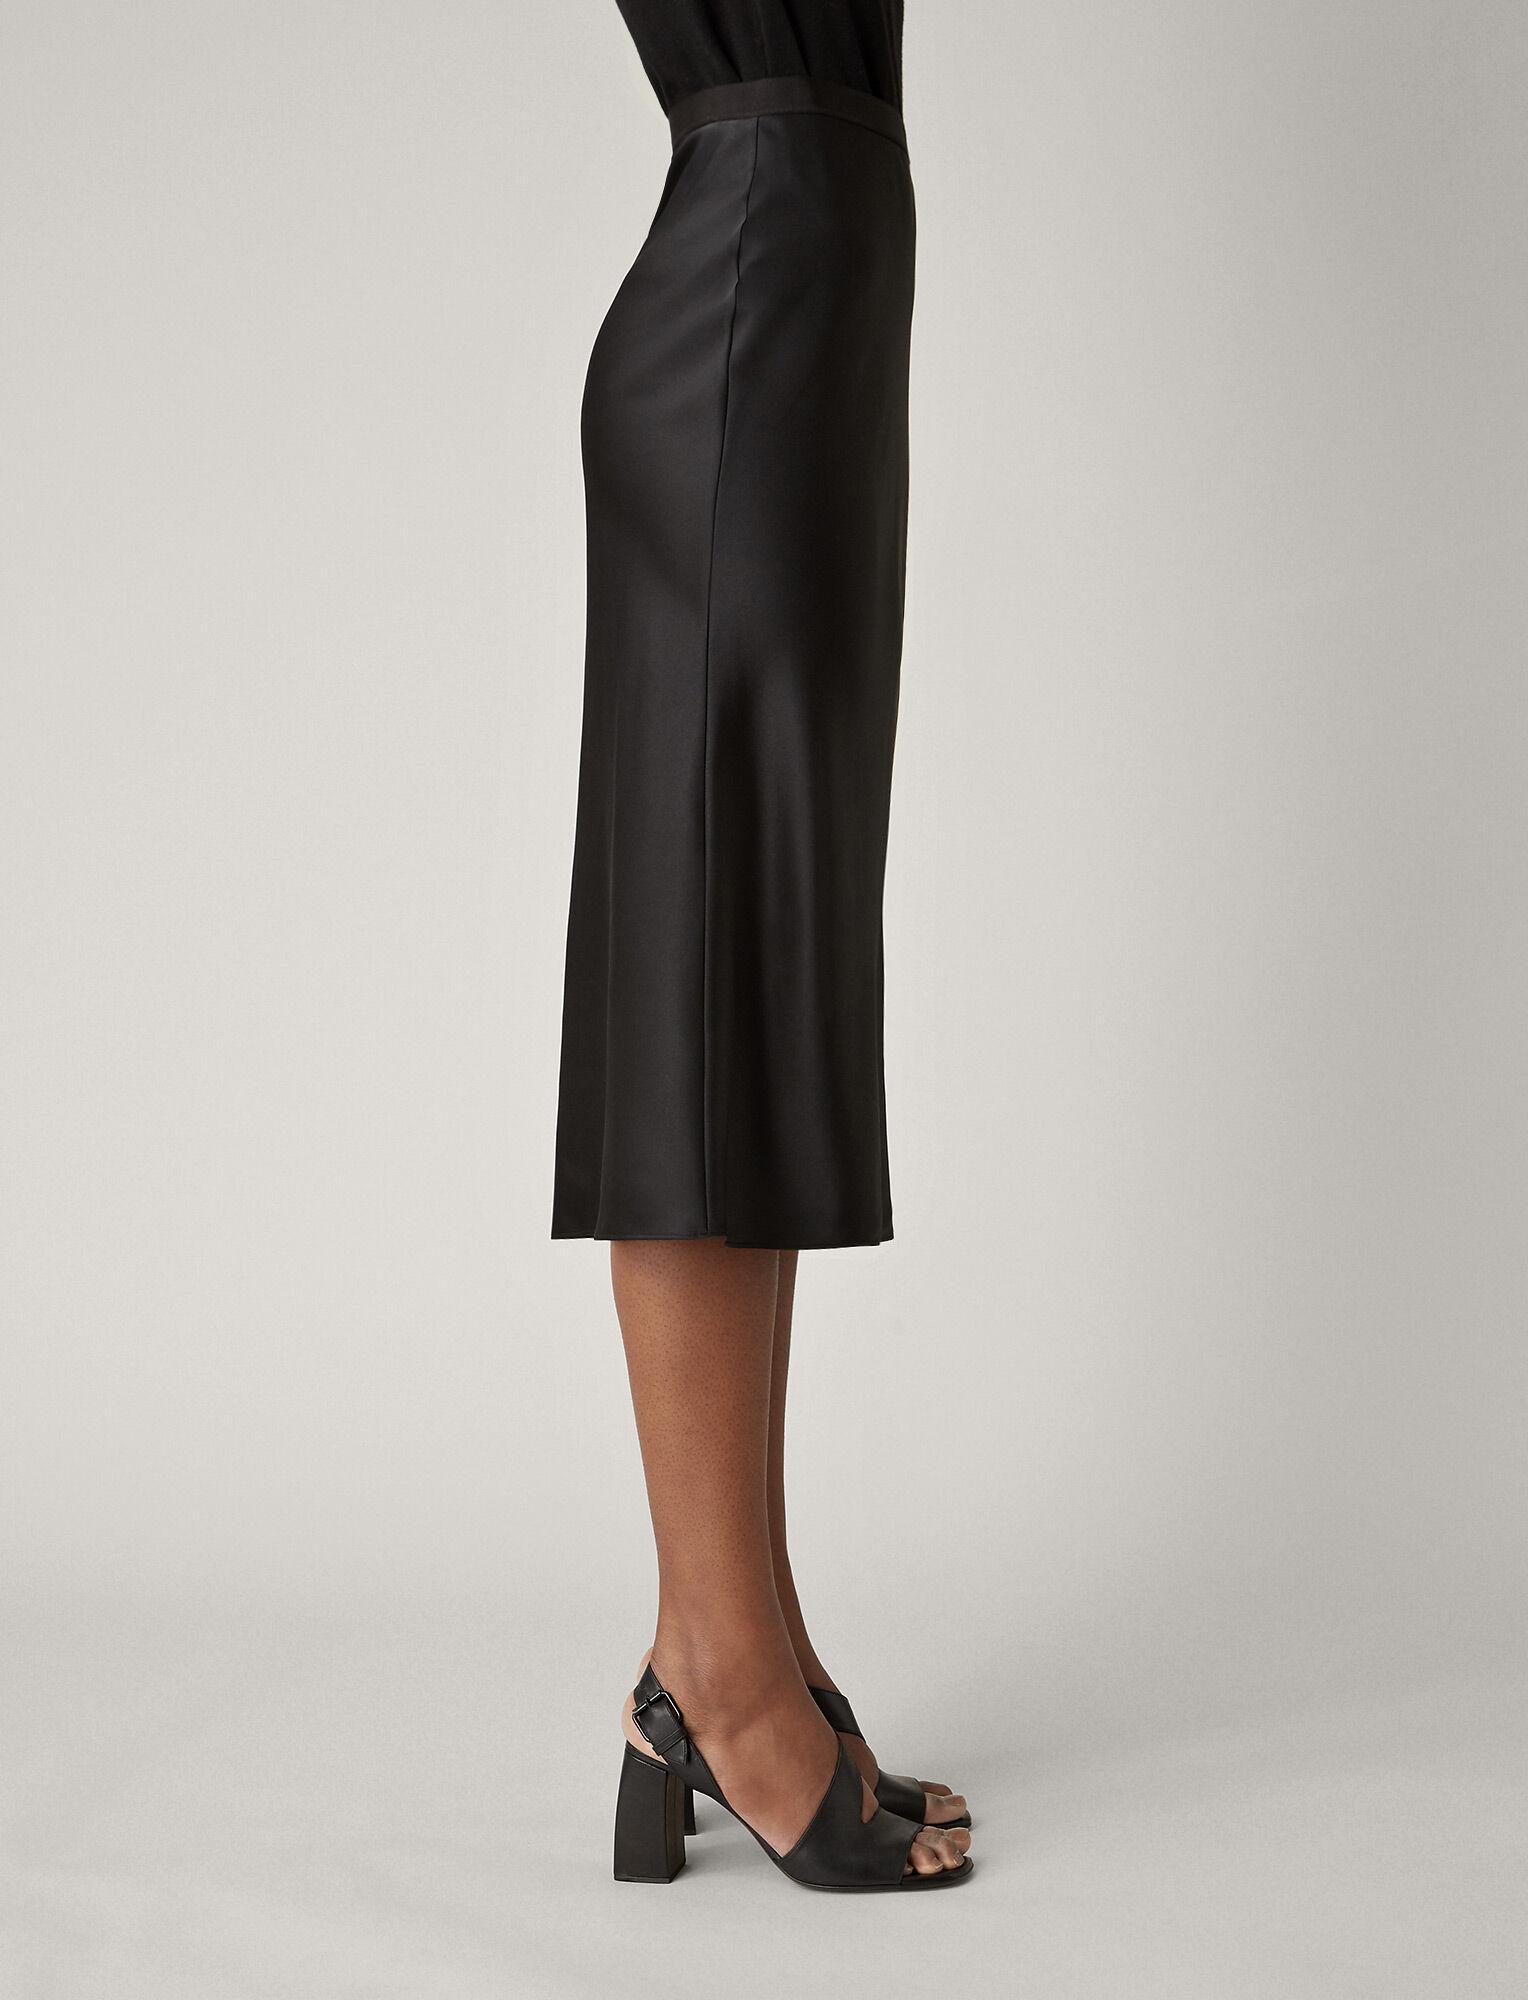 Joseph, Hurst Silk Satin Skirt, in BLACK